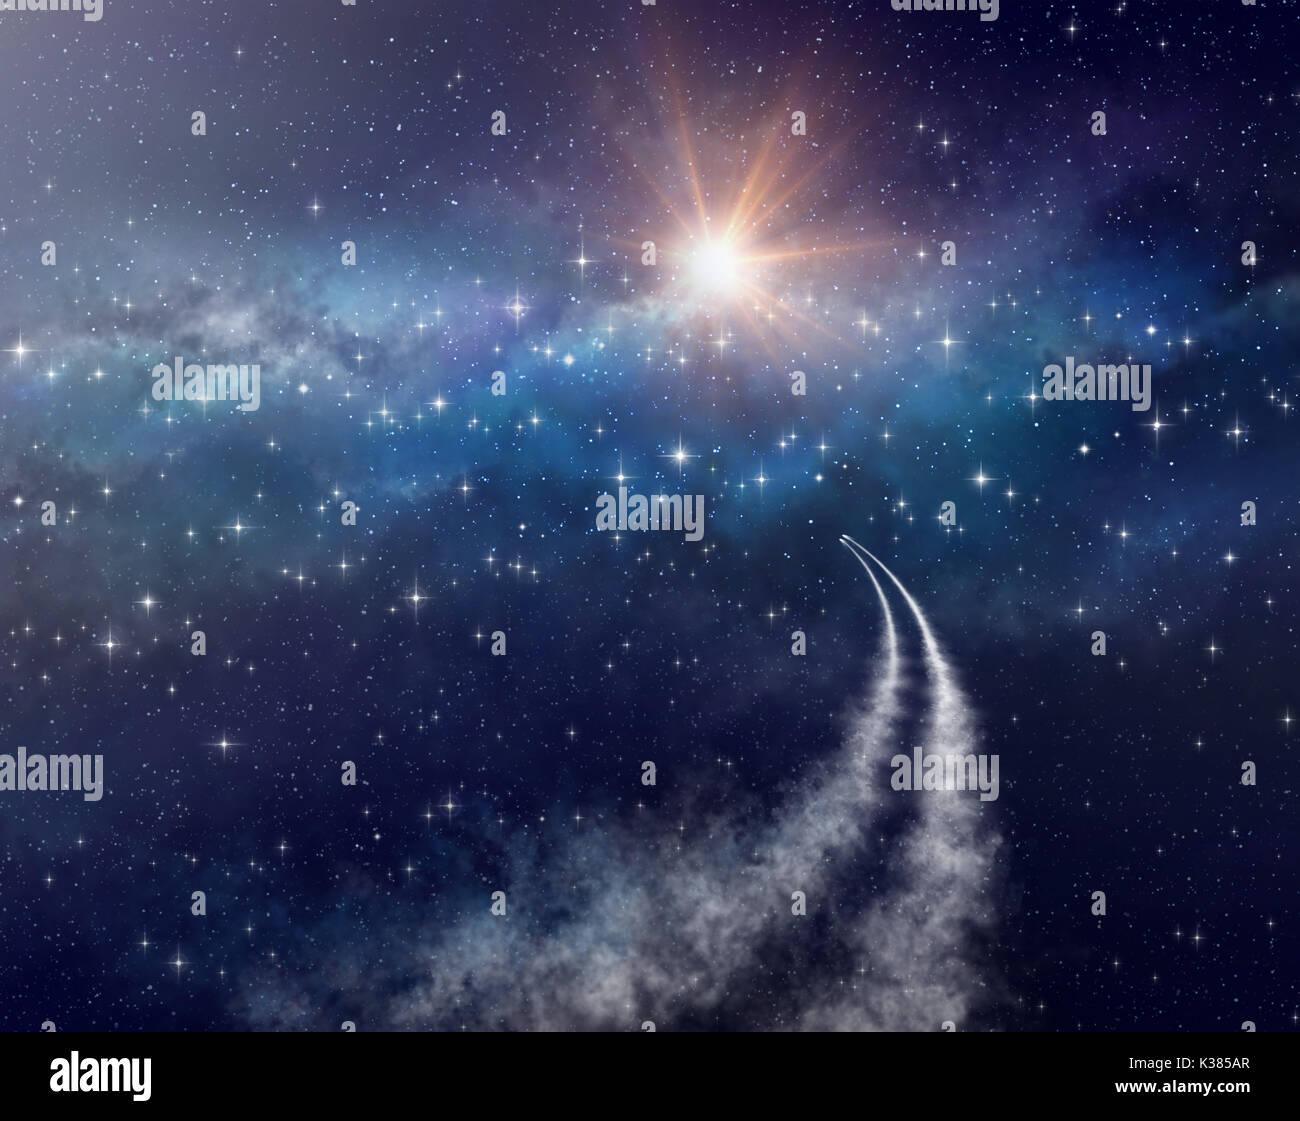 Astronavi esplorazione dello spazio profondo, verso un cluster a stella. Immagini Stock